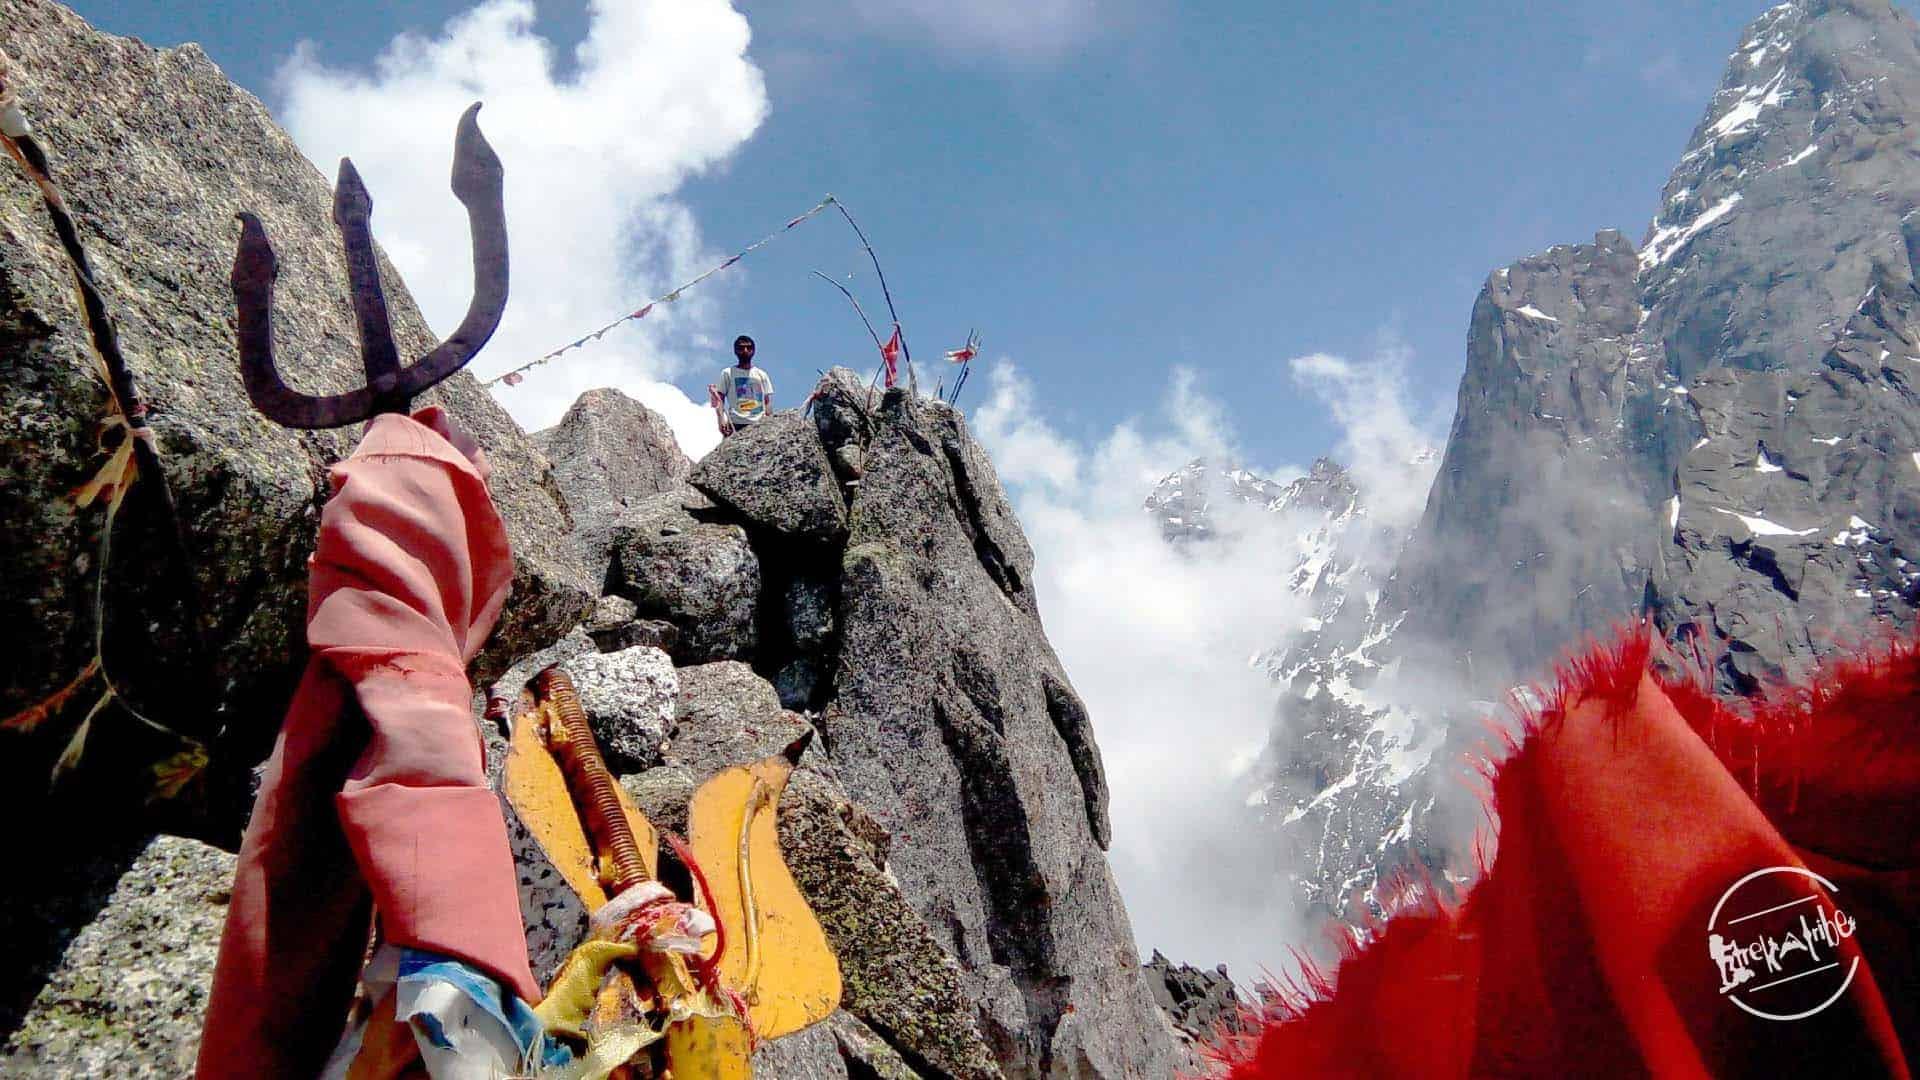 trek length of kinner kailash trek - 34 km